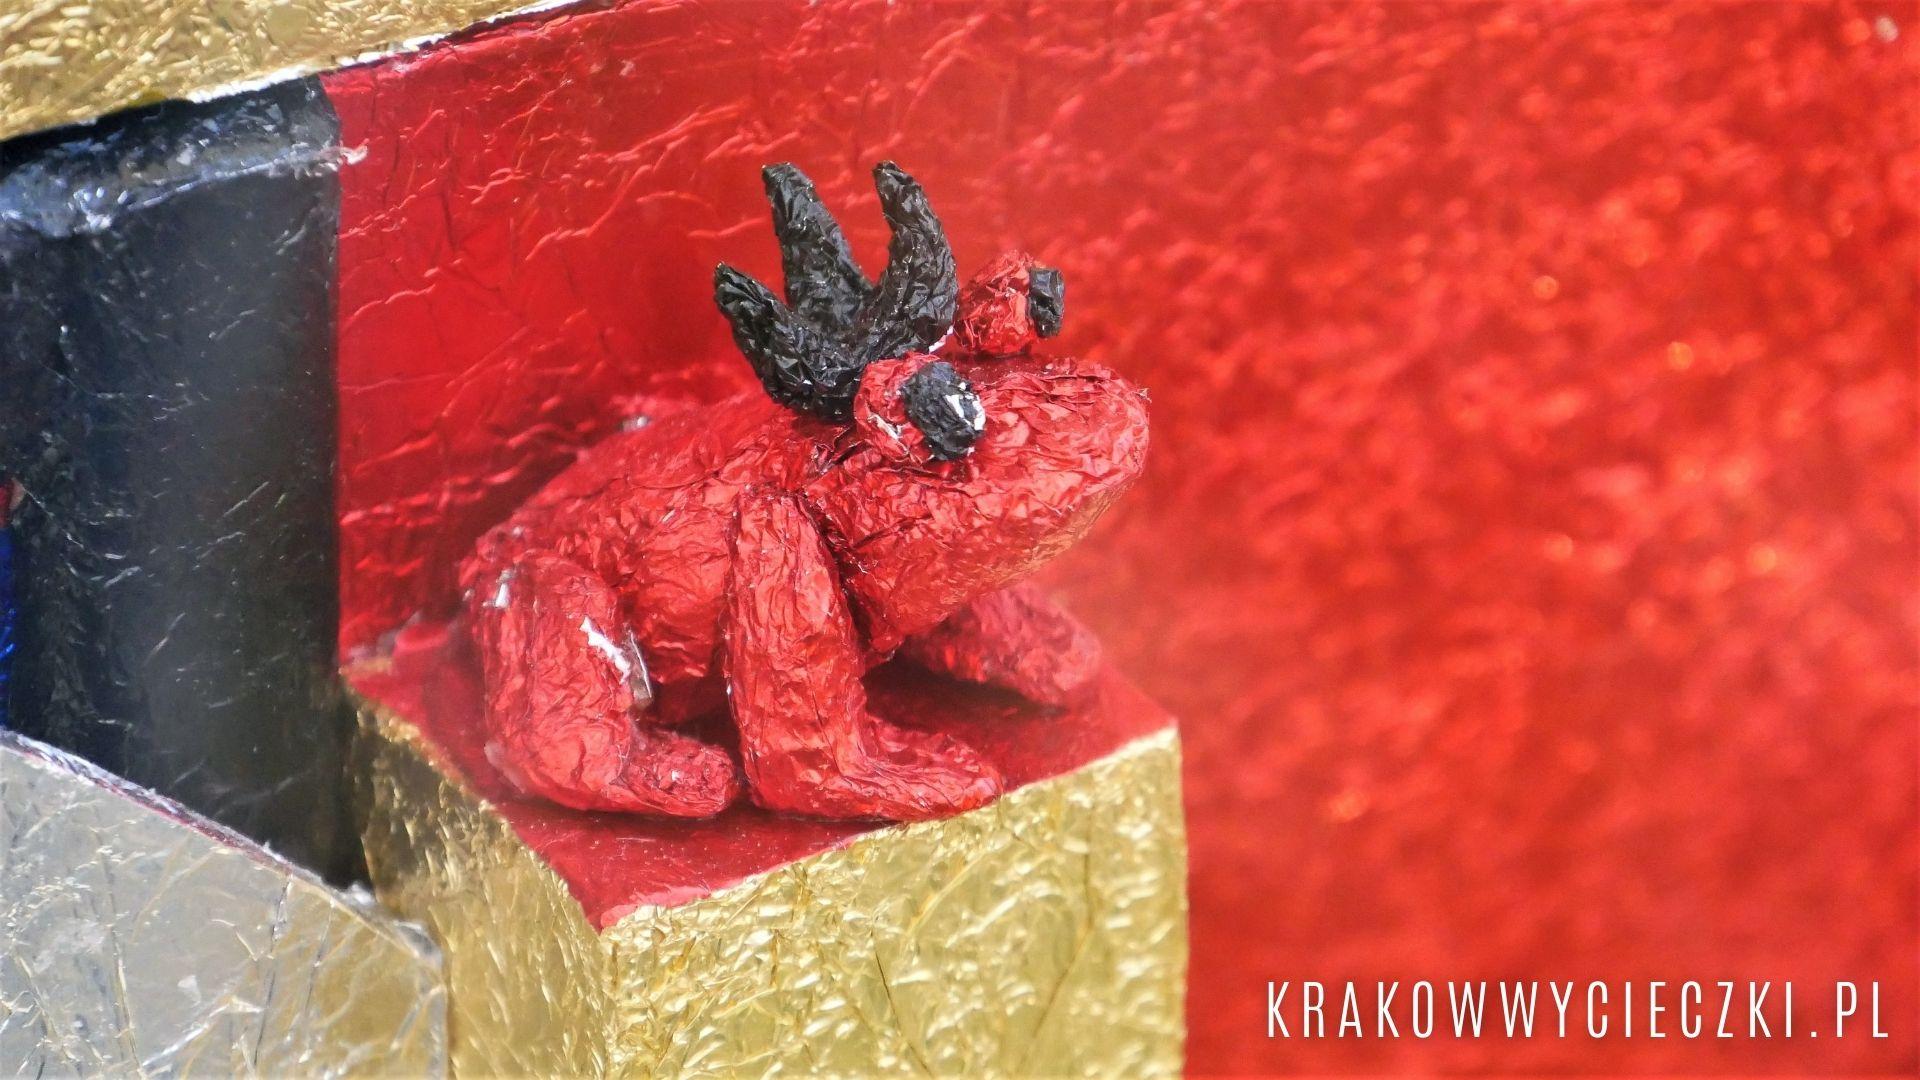 krakowwycieczki.pl_szopka_krakowska